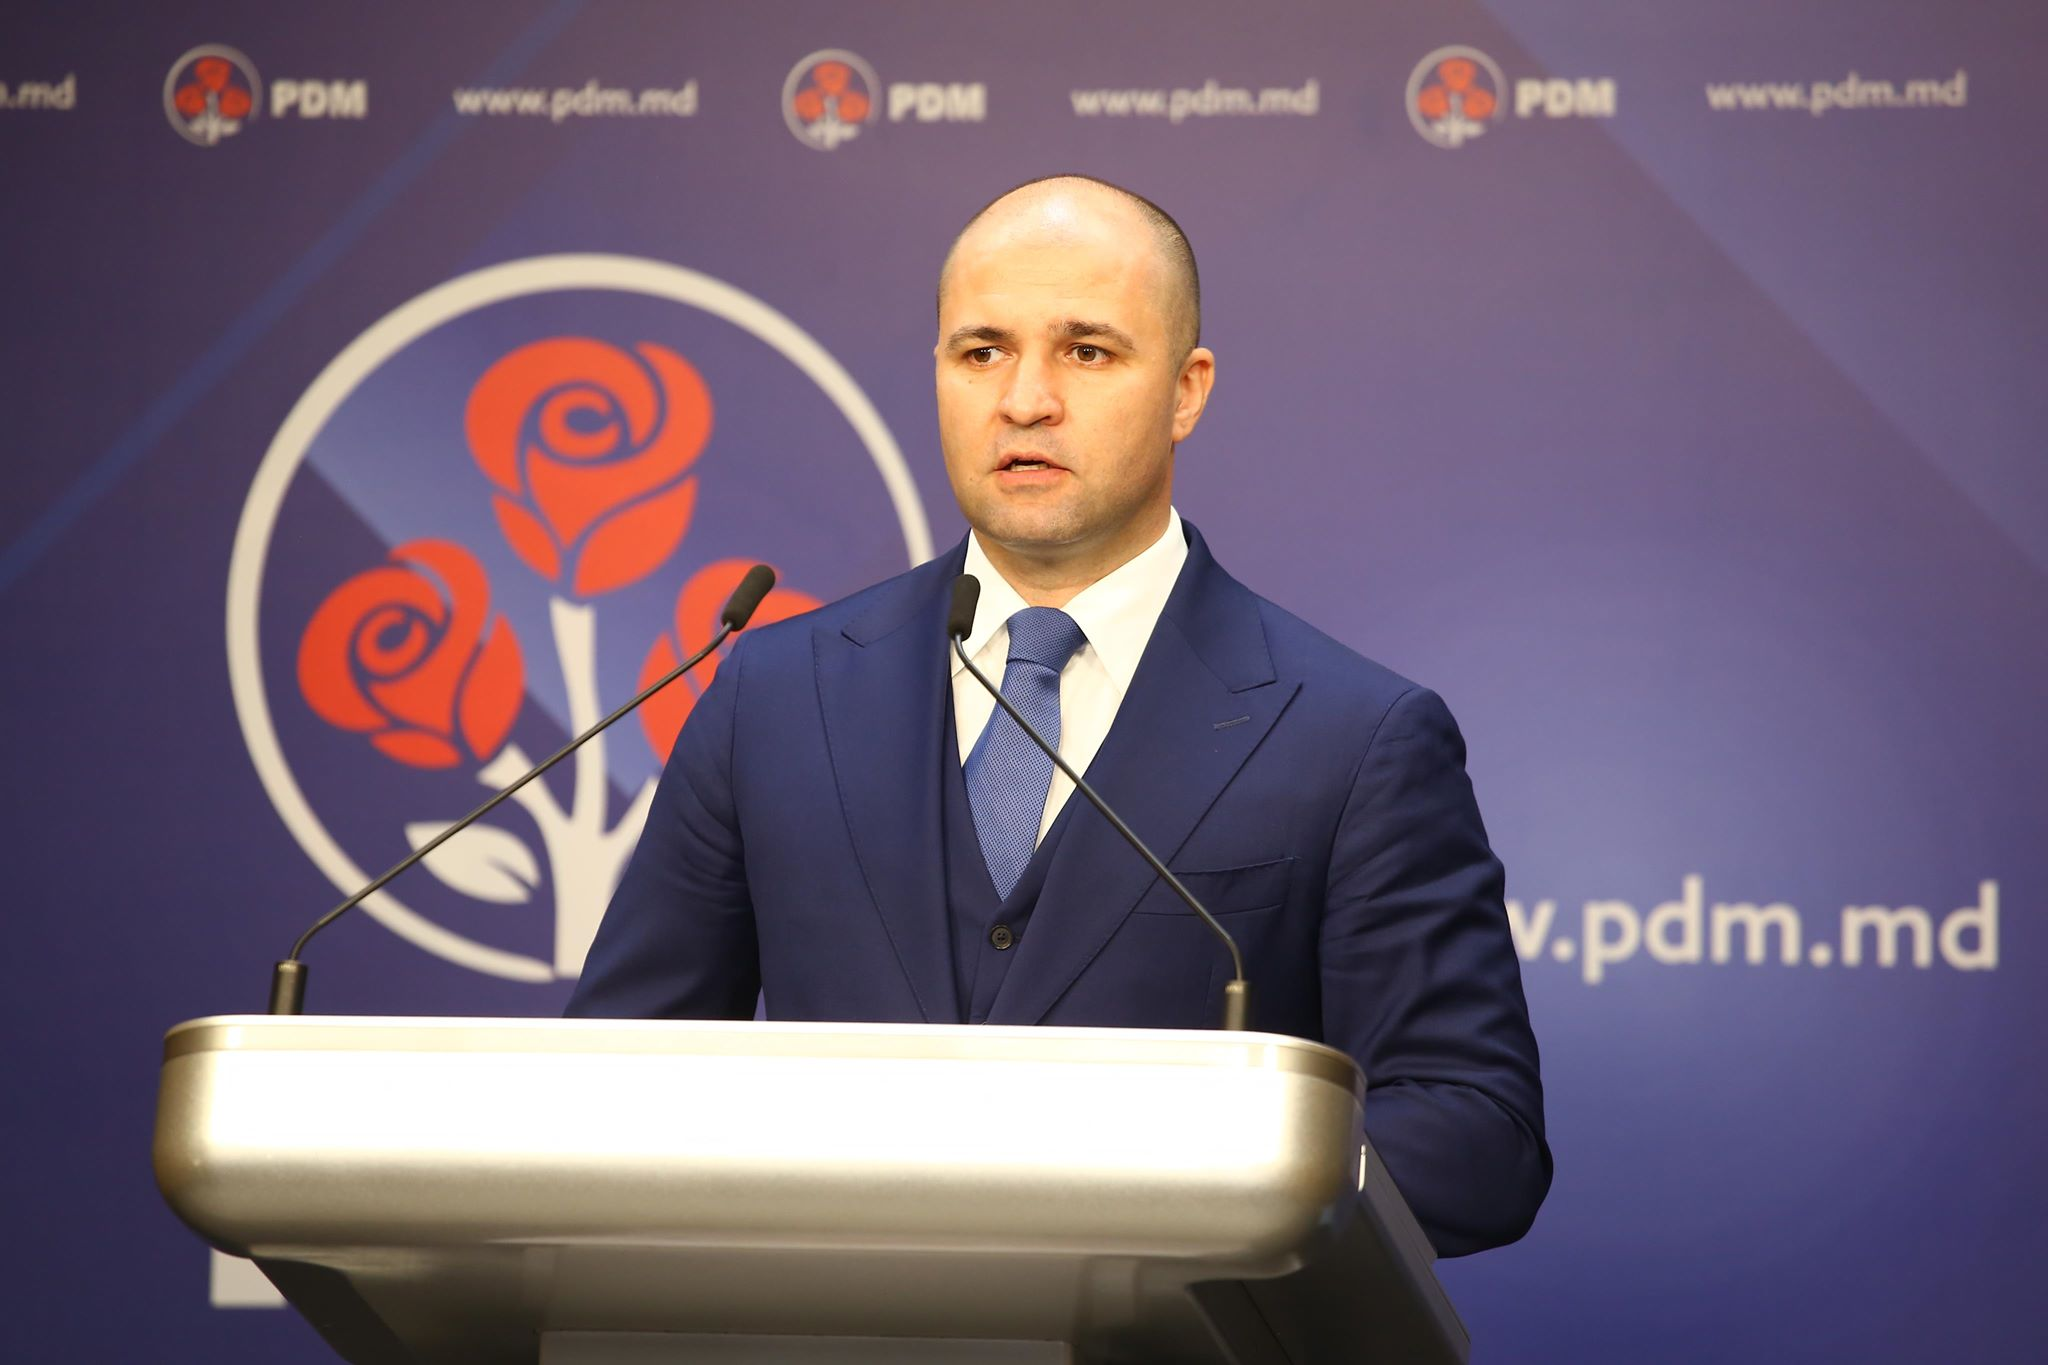 """Cebotari: """"Oricare altă decizie, decât PDM la guvernare, ne întoarce în perioada haosului politic"""""""